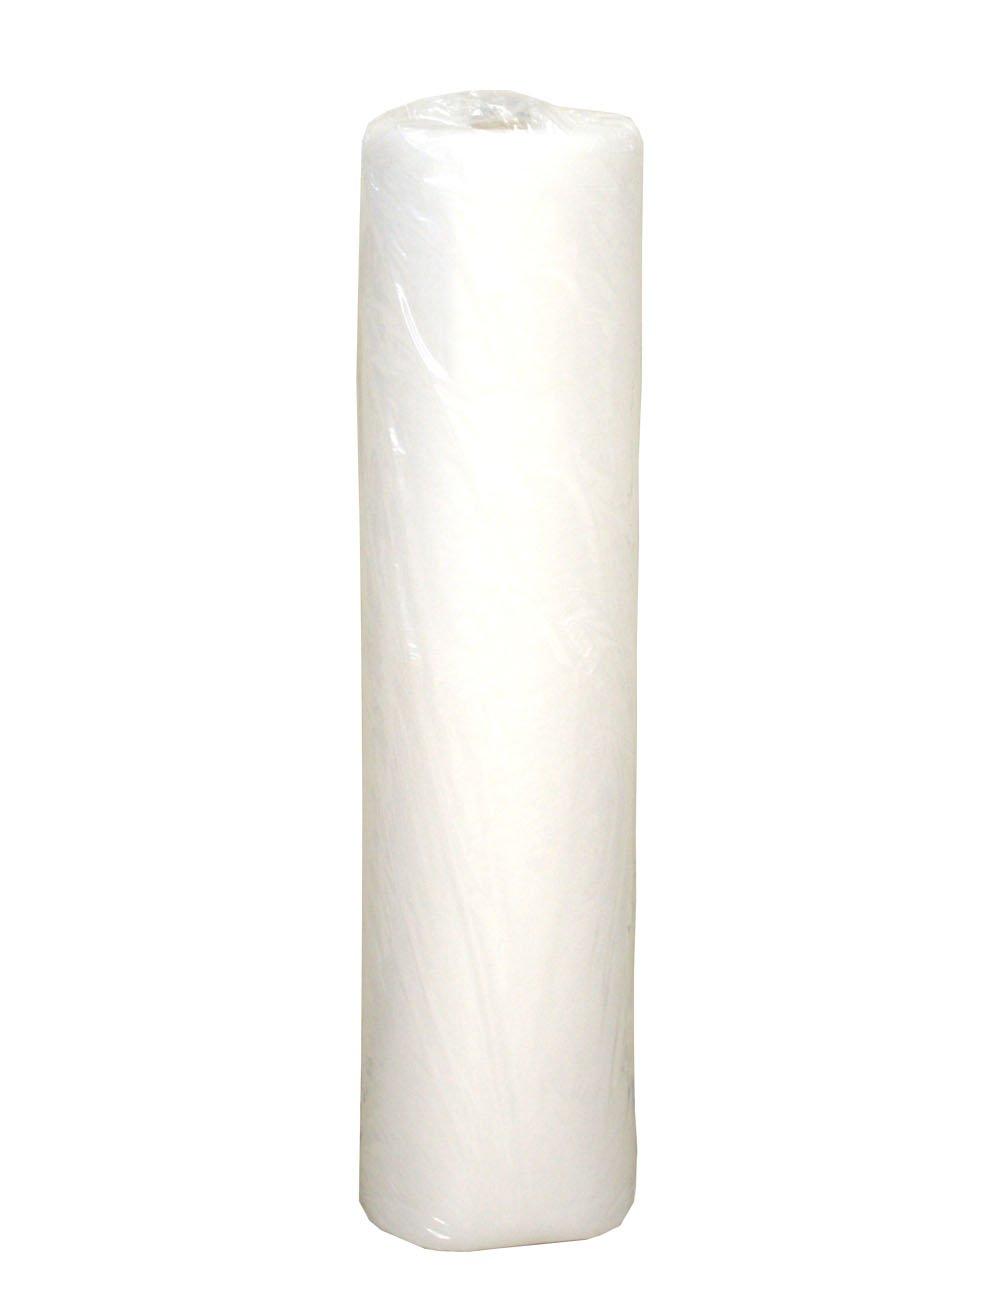 NBK カルトナージュ用弾力のあるキルト綿 原反125cmx30m P4-28 B00XC1BH2Y  125cmx30m